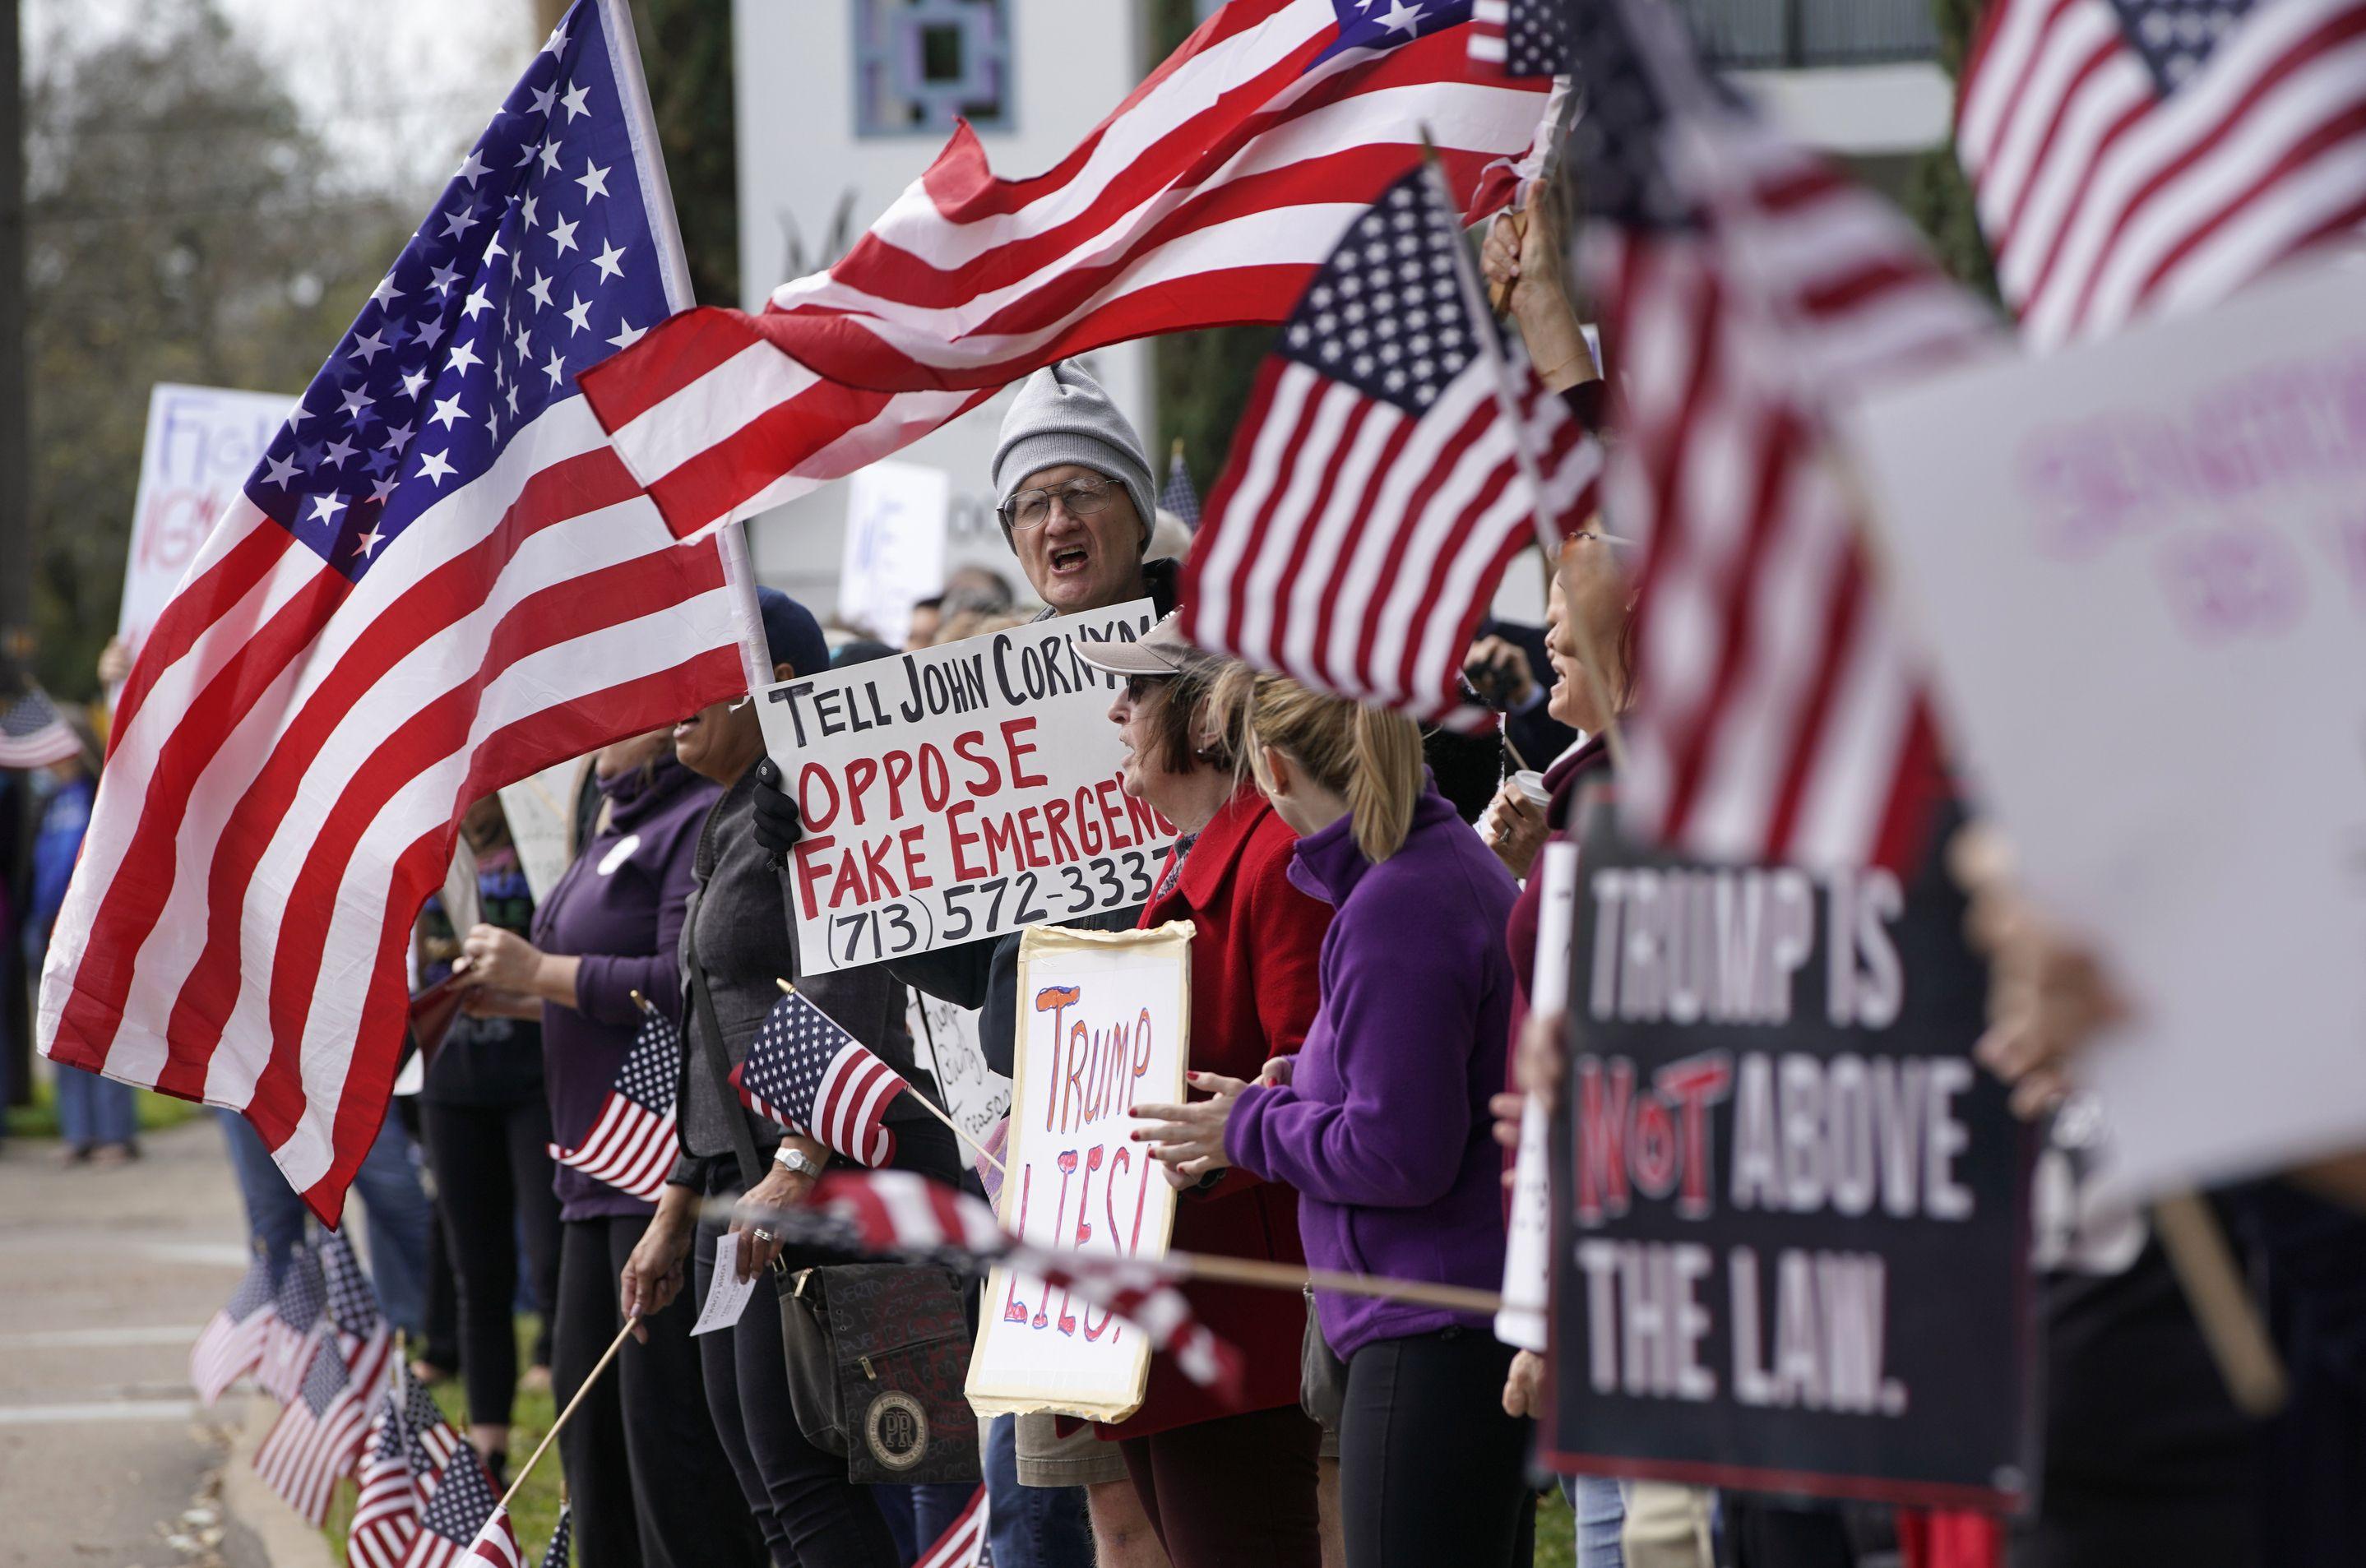 北京国务院批评美国公民权利屡遭践踏。AP图片